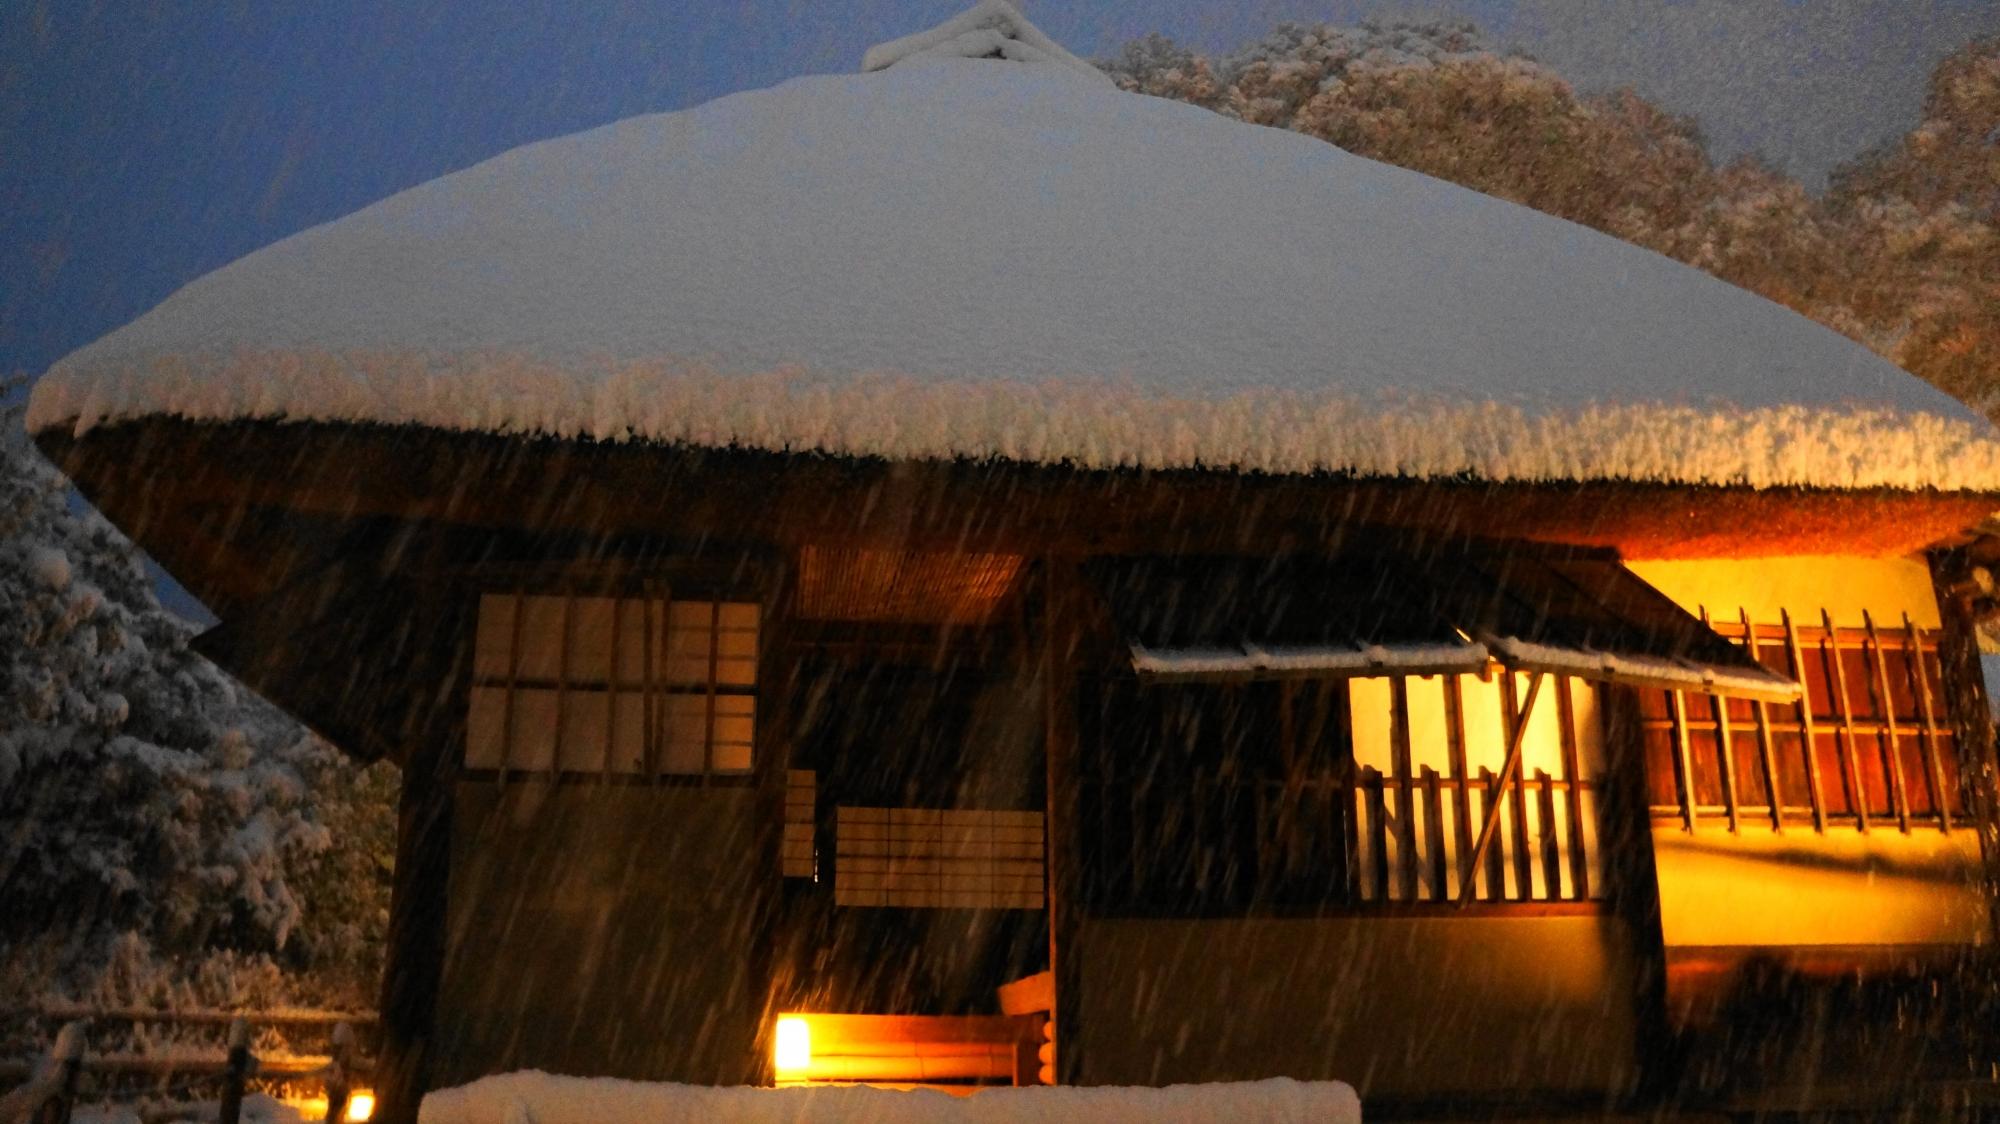 ほのかな明りが引き立てる風情ある雪景色